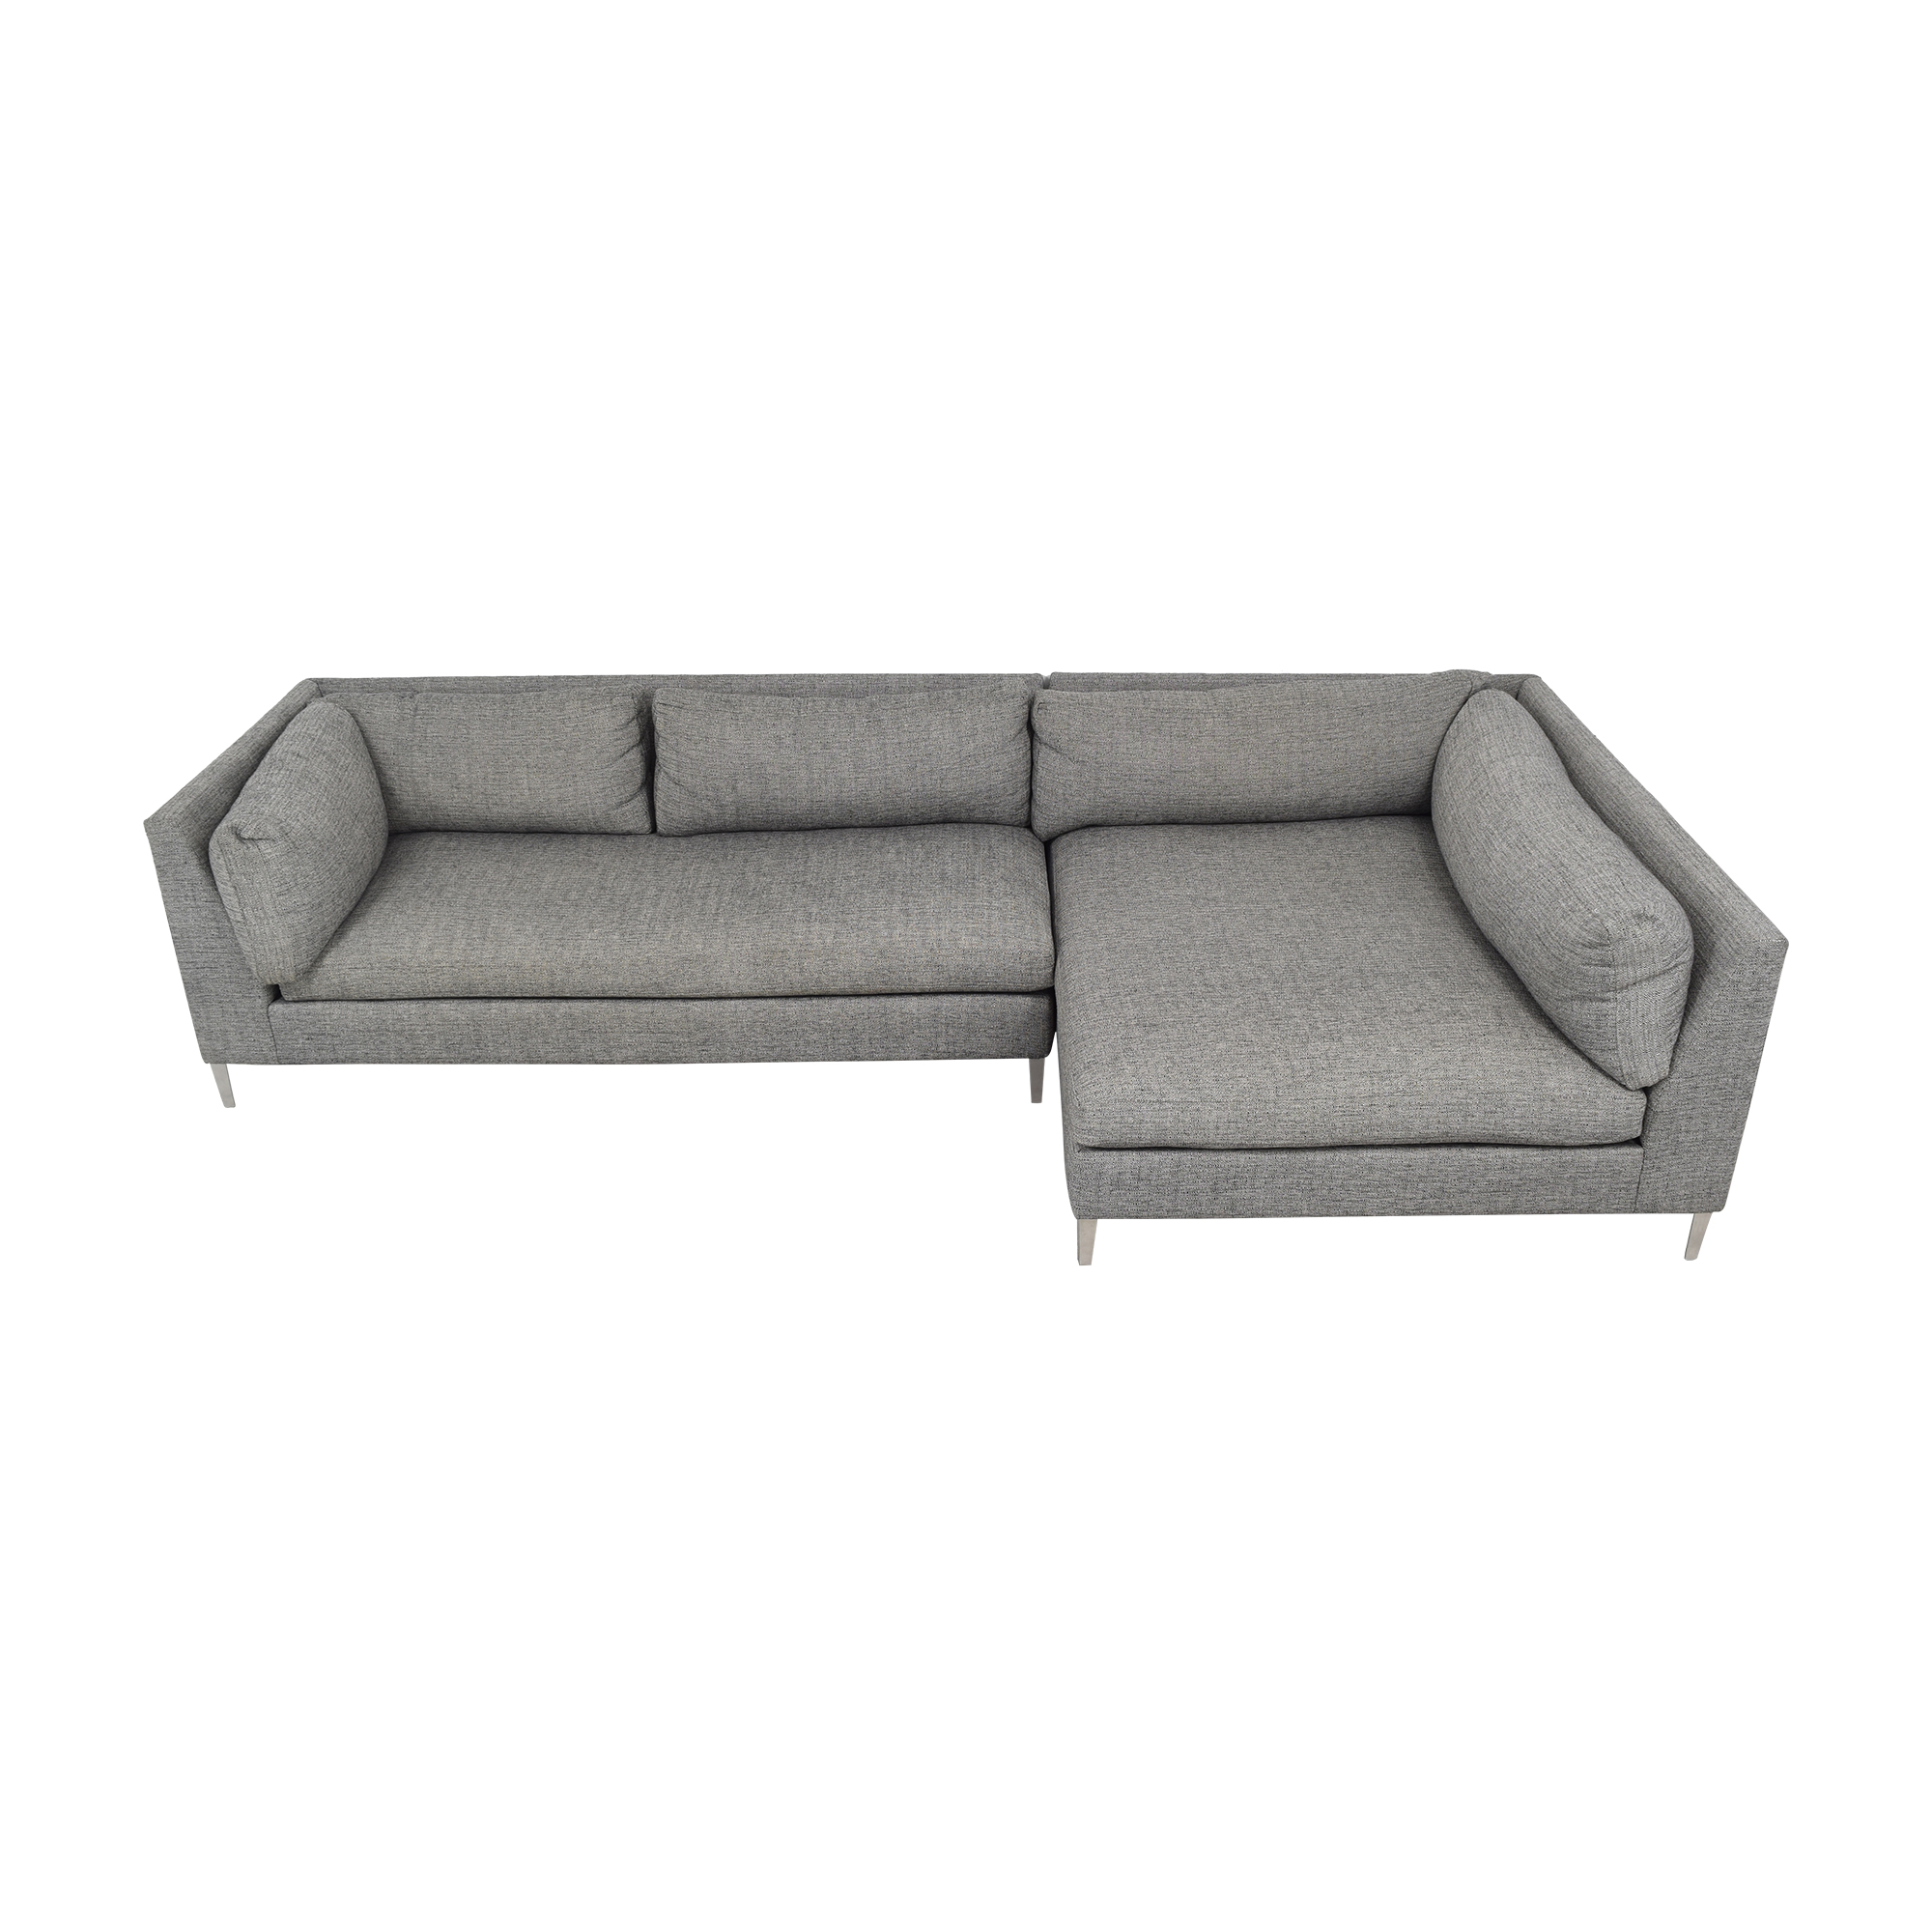 CB2 CB2 Decker Two- Piece Sectional Sofa Sofas